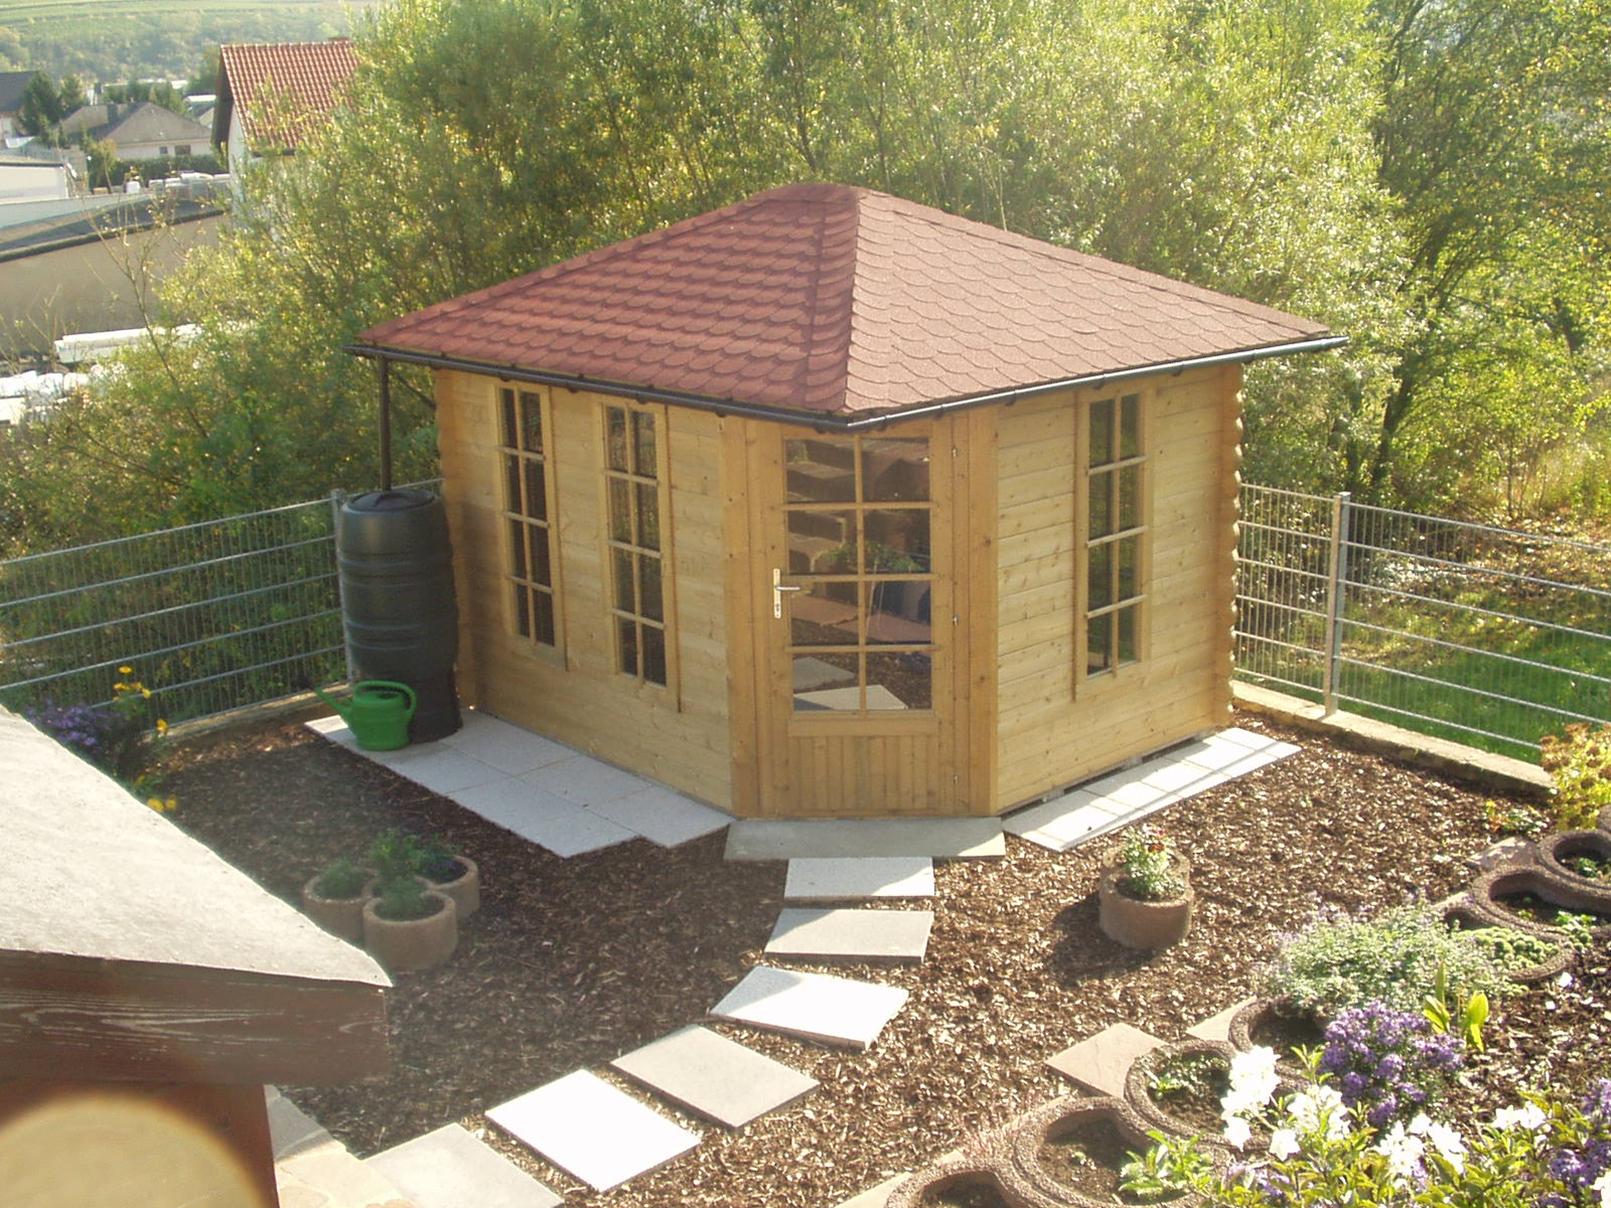 Cabane Jardin Resine Leroy Merlin - Abri De Jardin Et ... avec Leroy Merlin Incinerateur Jardin